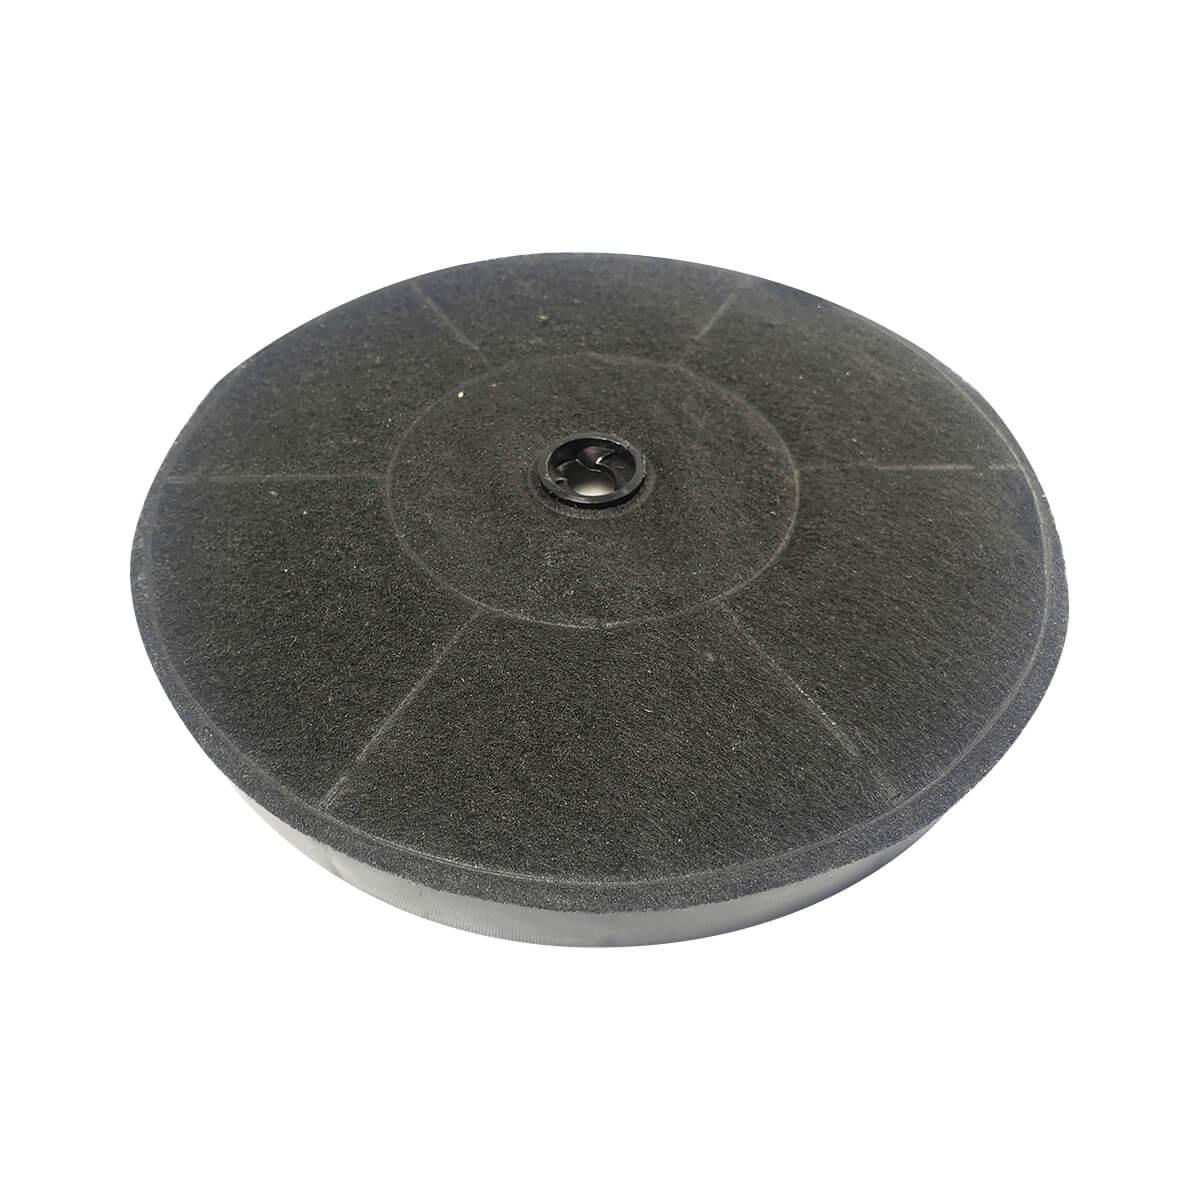 Filtro De Carvão Ativado Para Depurador De Ar Electrolux De80b De80x De60b De60x - E251070 A07685501